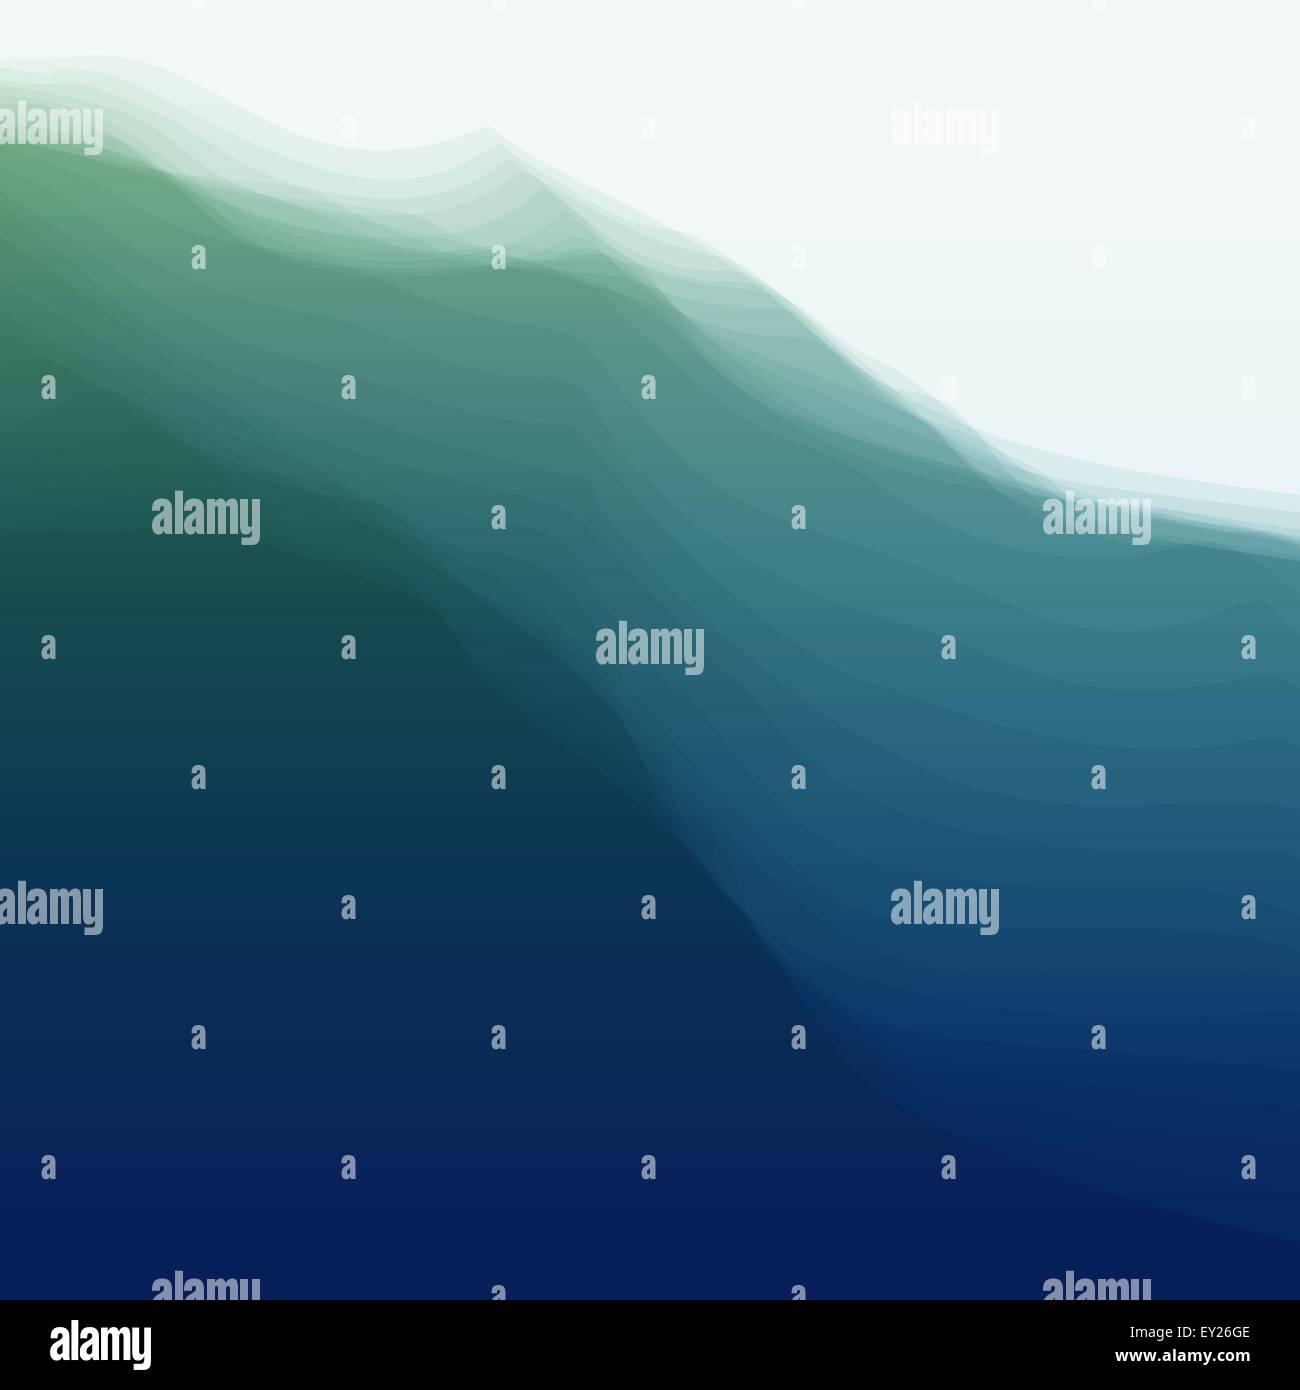 L'onde de l'eau. Vector Illustration pour votre conception. Photo Stock